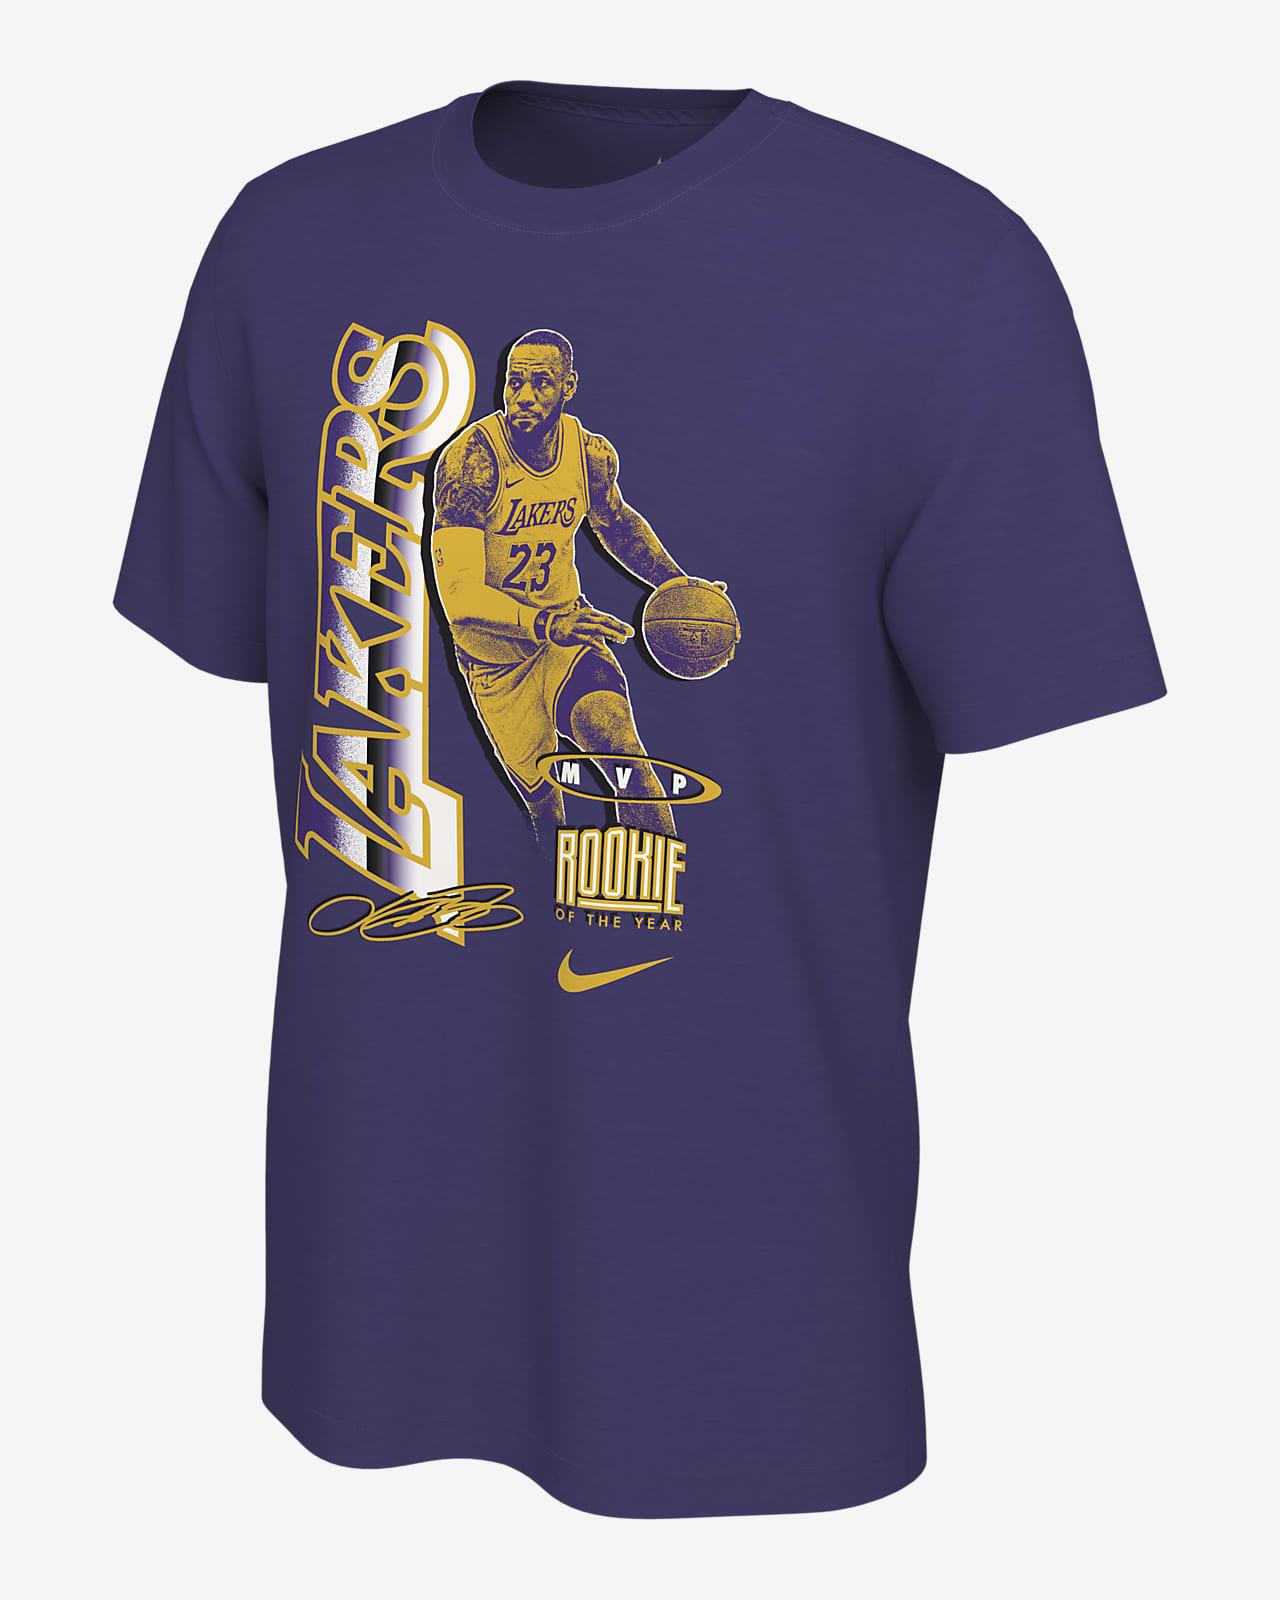 レブロン ジェームズ セレクト シリーズ ナイキ NBA Tシャツ